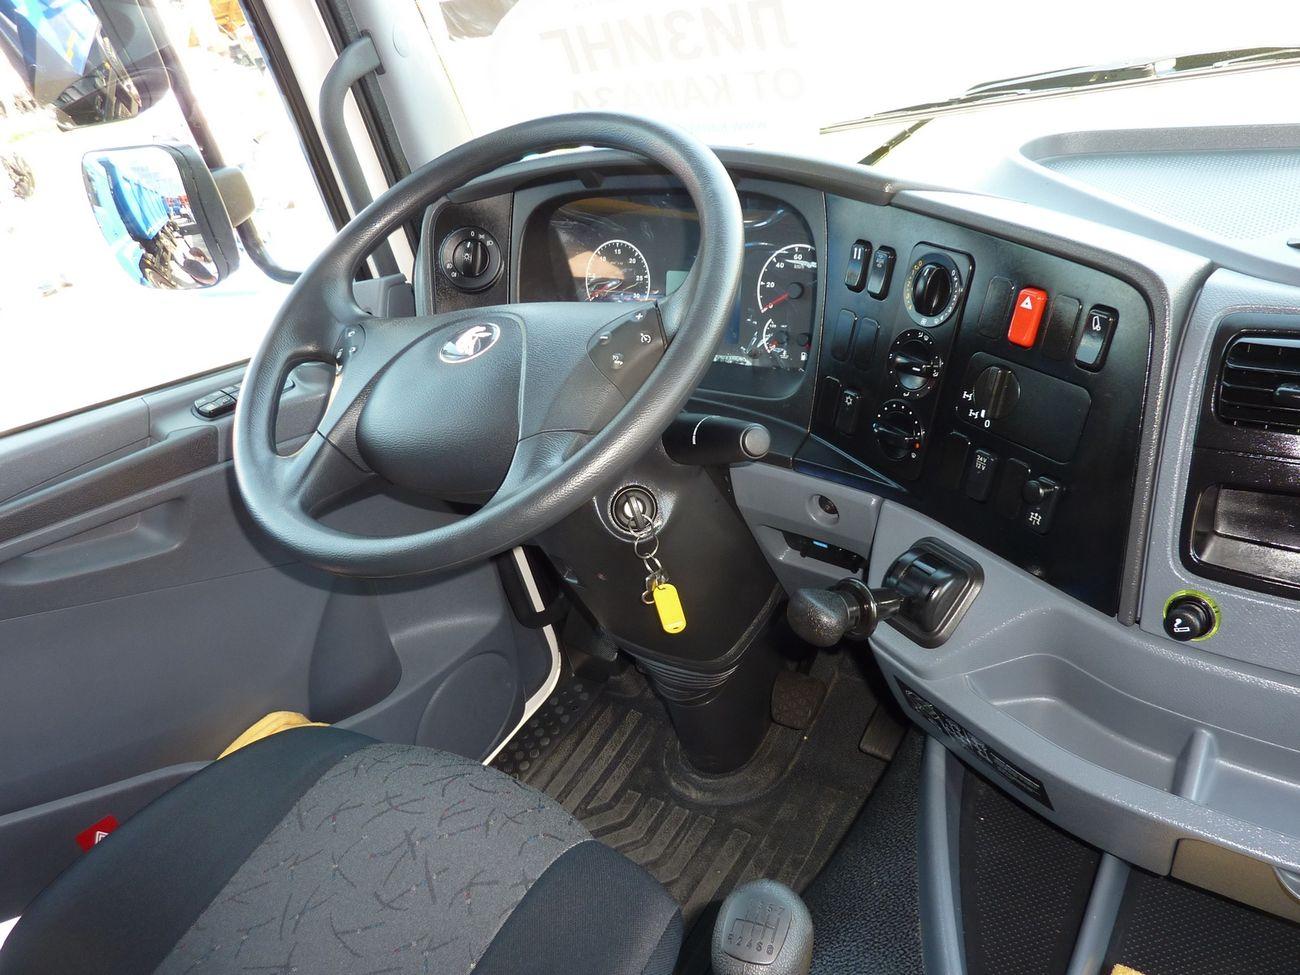 Удобное рабочее место водителя с сиденьем на пневмоподвеске, регулируемой рулевой колонкой, мультирулём и прочими атрибутами комфорта